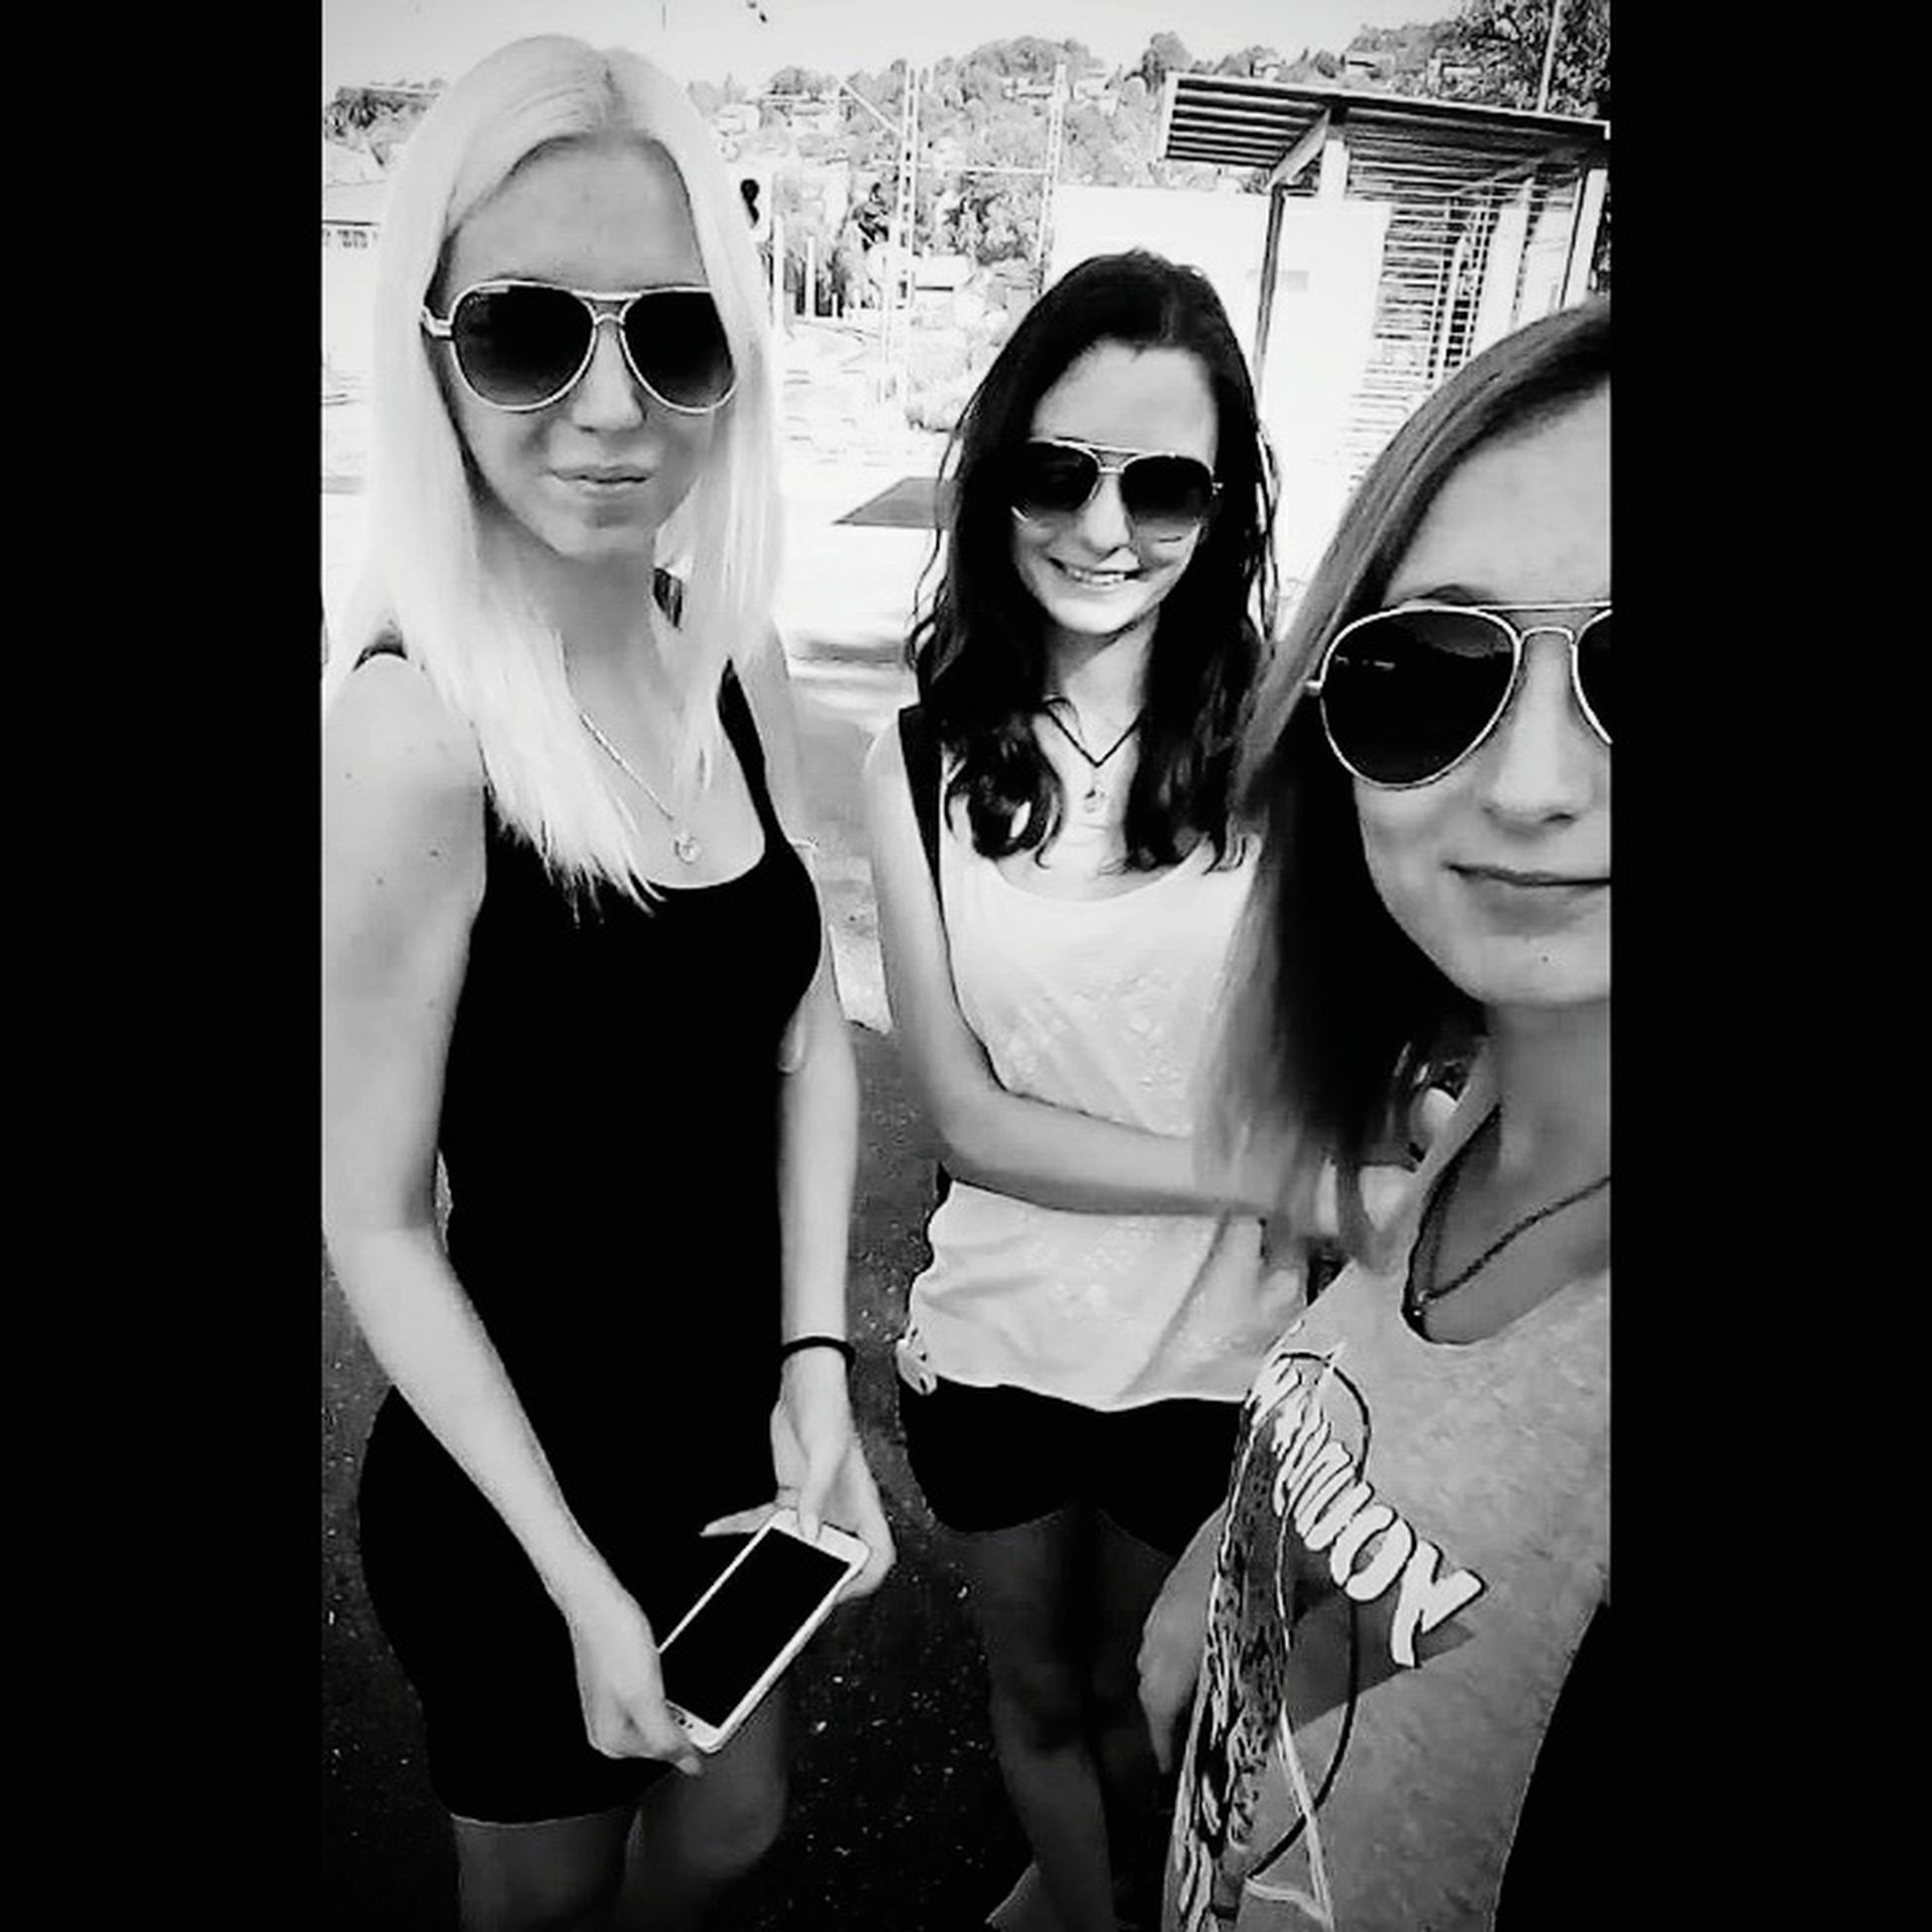 Schwesters Summer! ♥ Lastdayofsummer Freizeit Schöner Tag *-* Taking Photos Happy :)